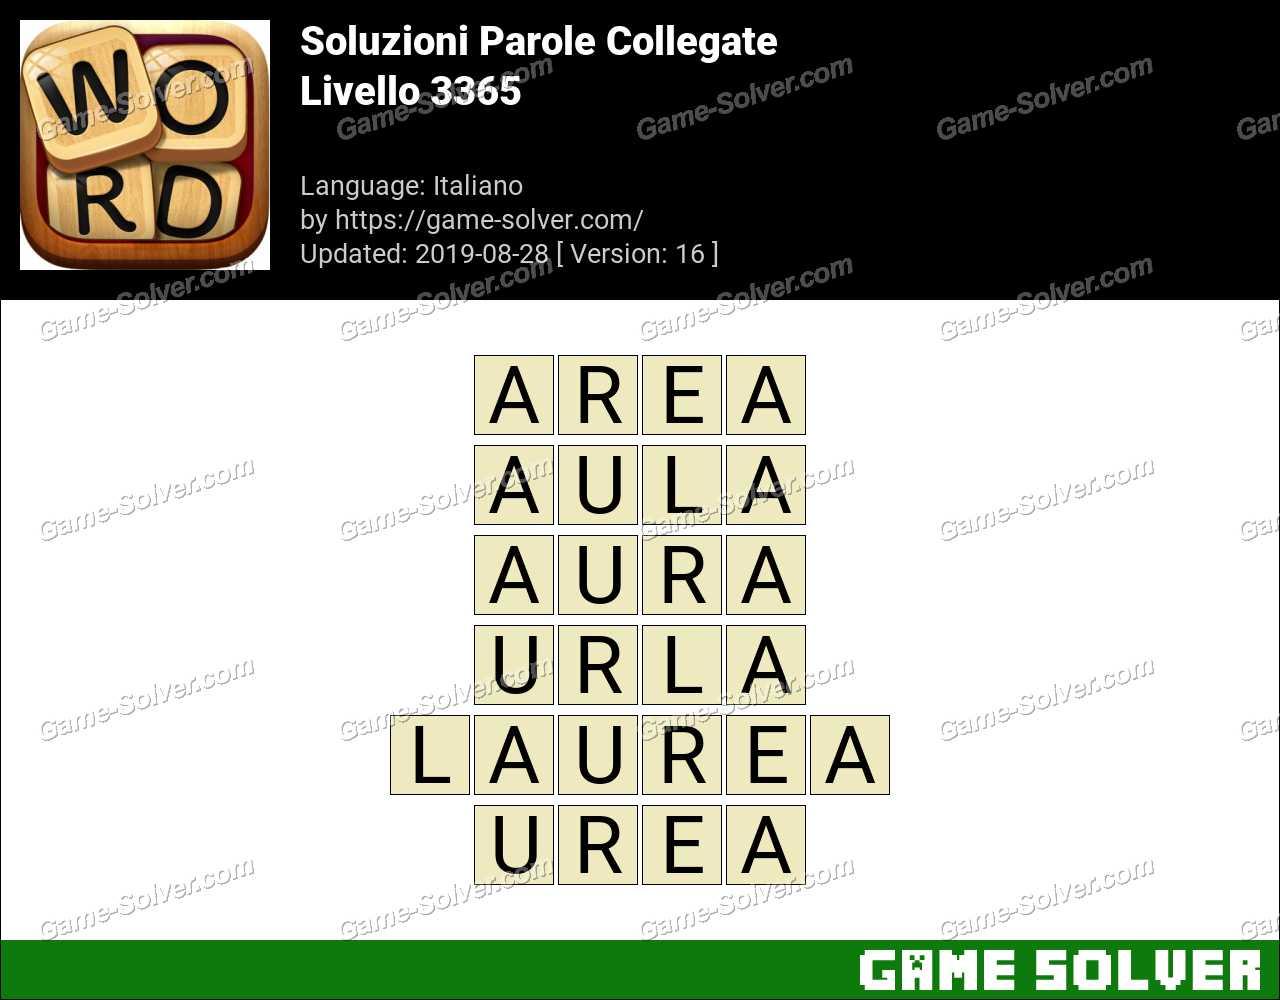 Soluzioni Parole Collegate Livello 3365